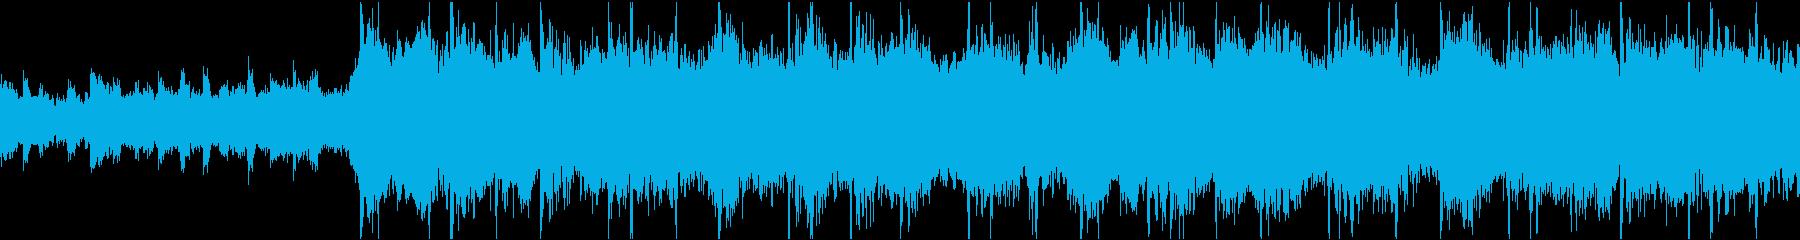 【ループ】綺麗なメロディのミディアム曲の再生済みの波形